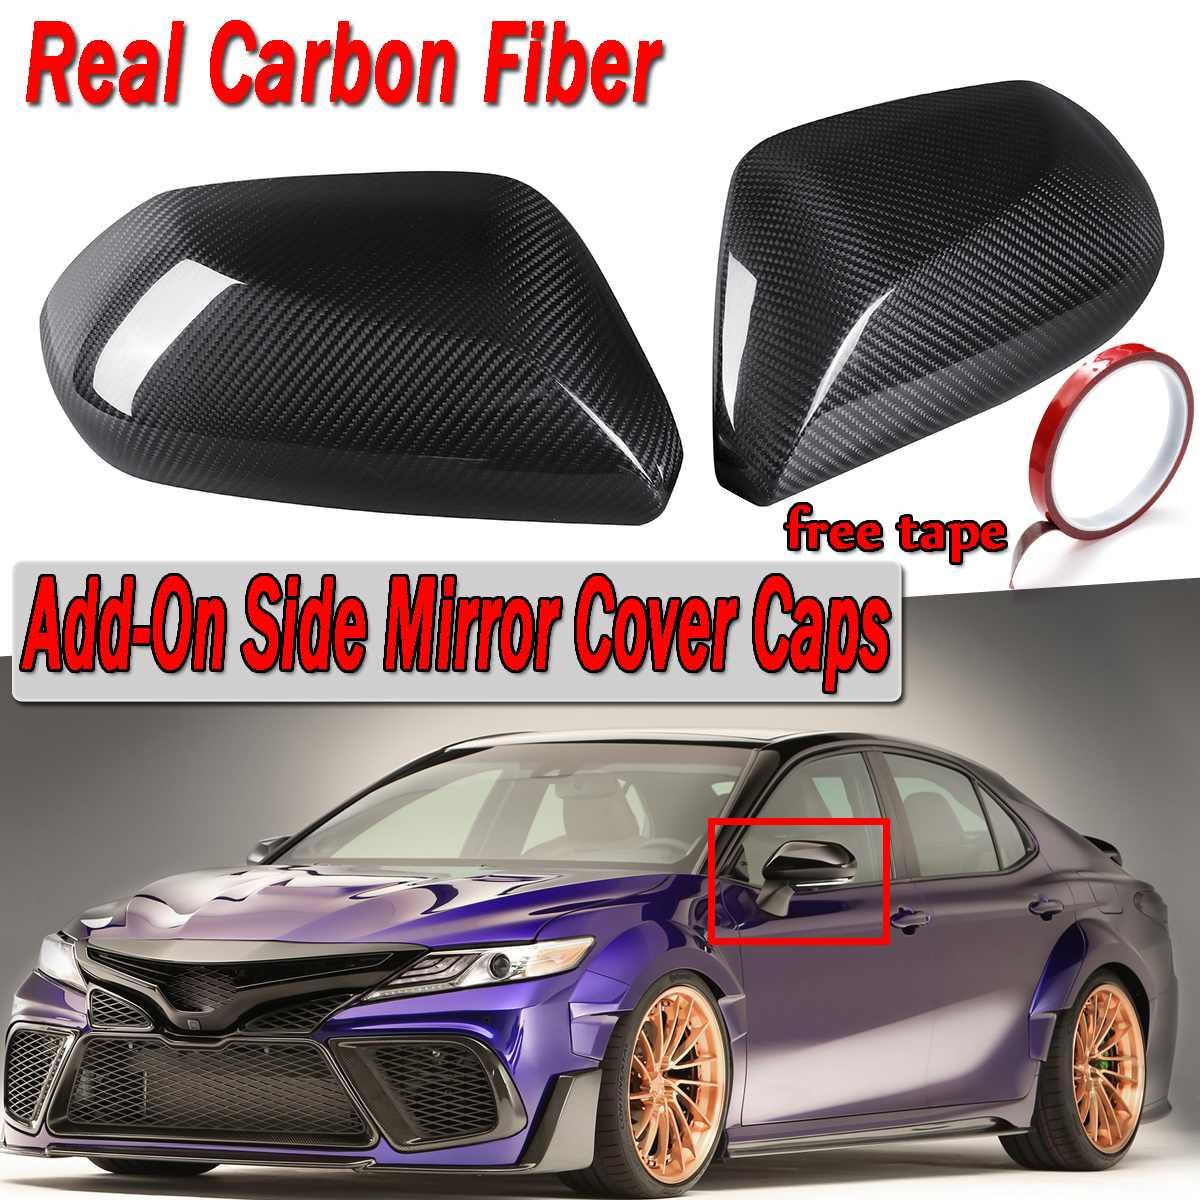 Nouveau pour Toyota Camry LE SE XLE XSE 2018 paire vraie Fiber de carbone ajouter voiture vue latérale rétroviseur couverture casquettes garniture autocollant s'adapte